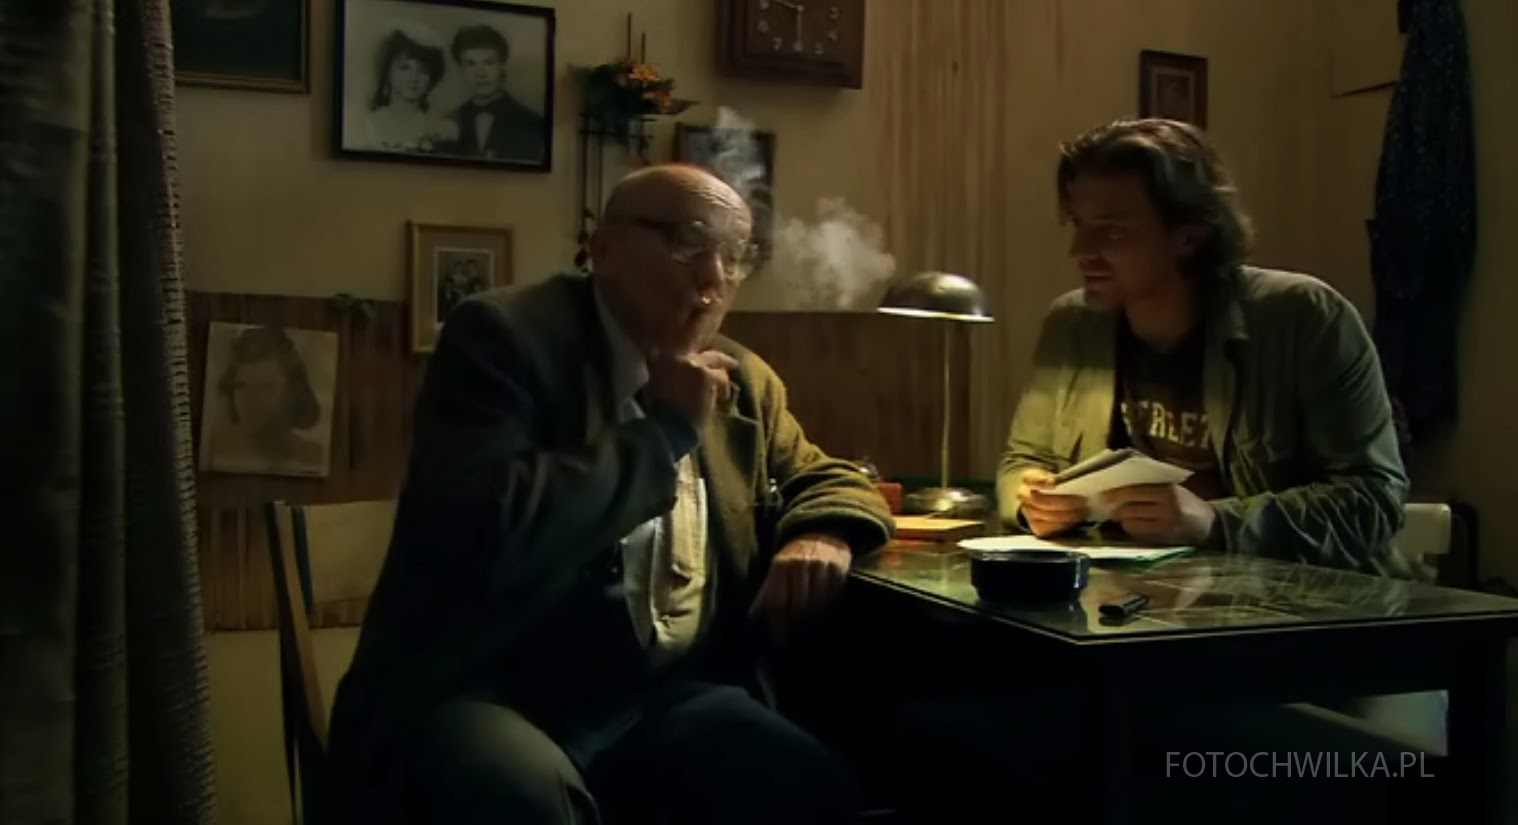 Rezerwat. Kadr z filmu. Marcin siedzi w zakładzie fotograficznym.